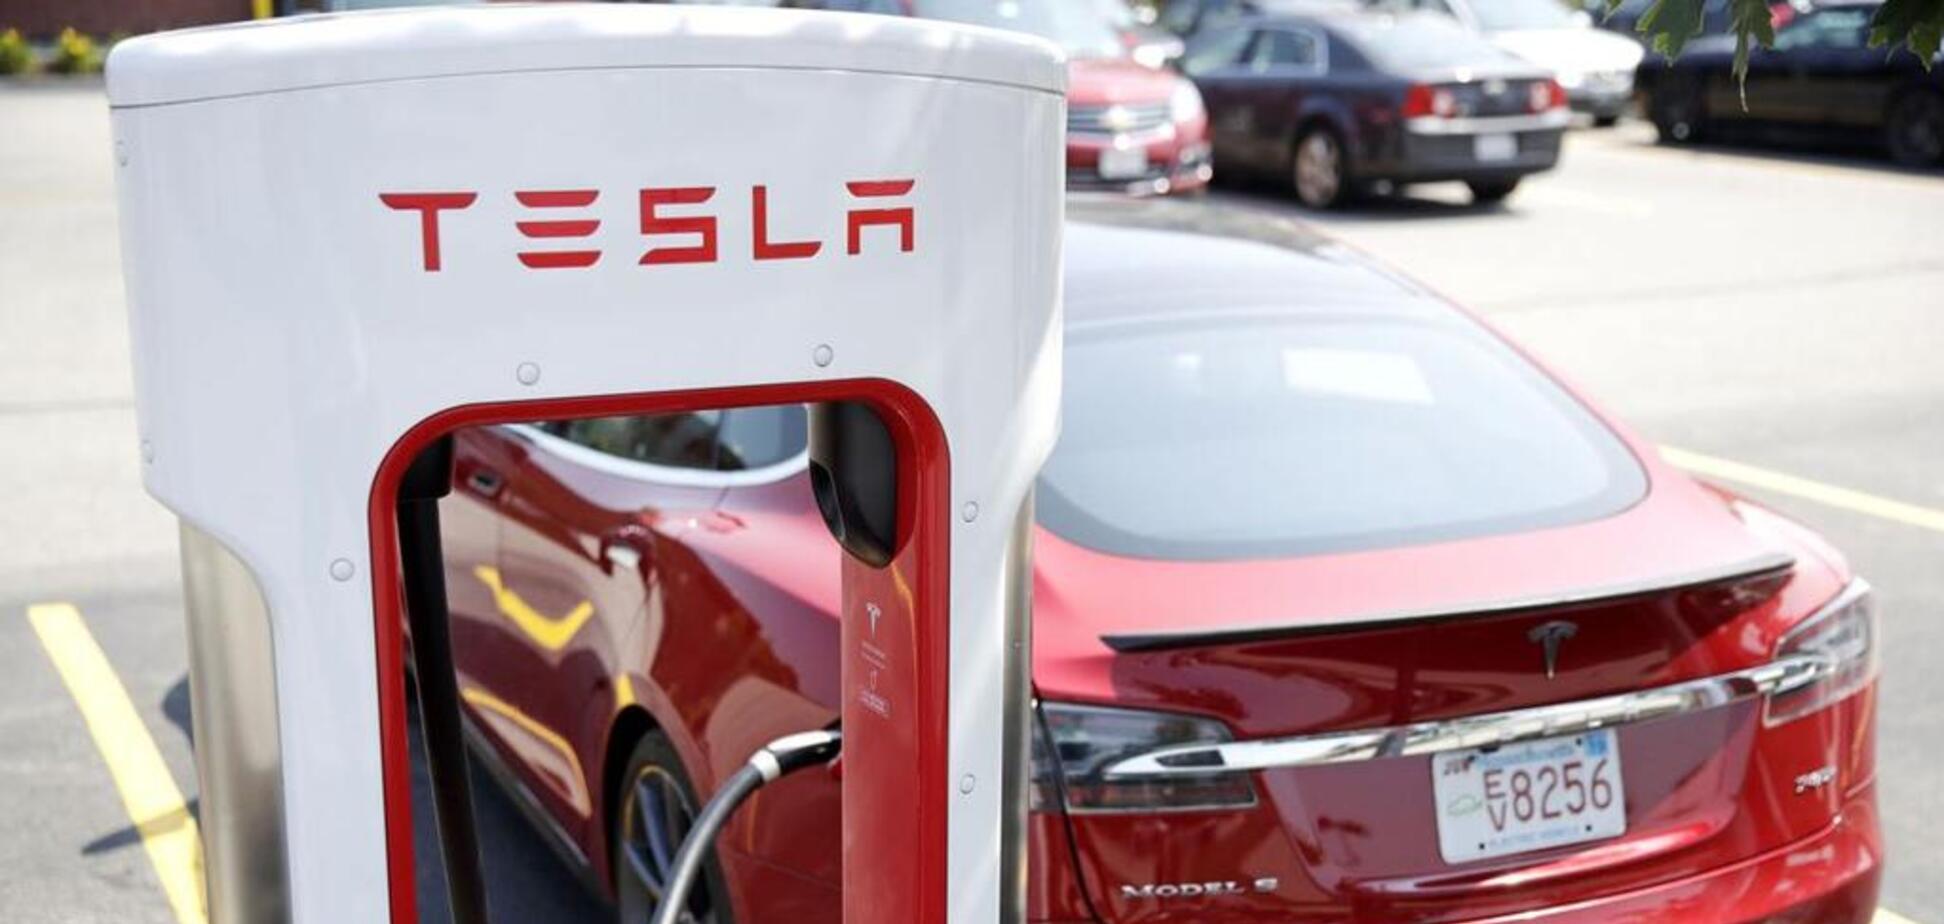 Тesla пообещала сделать бесплатной зарядку электромобилей